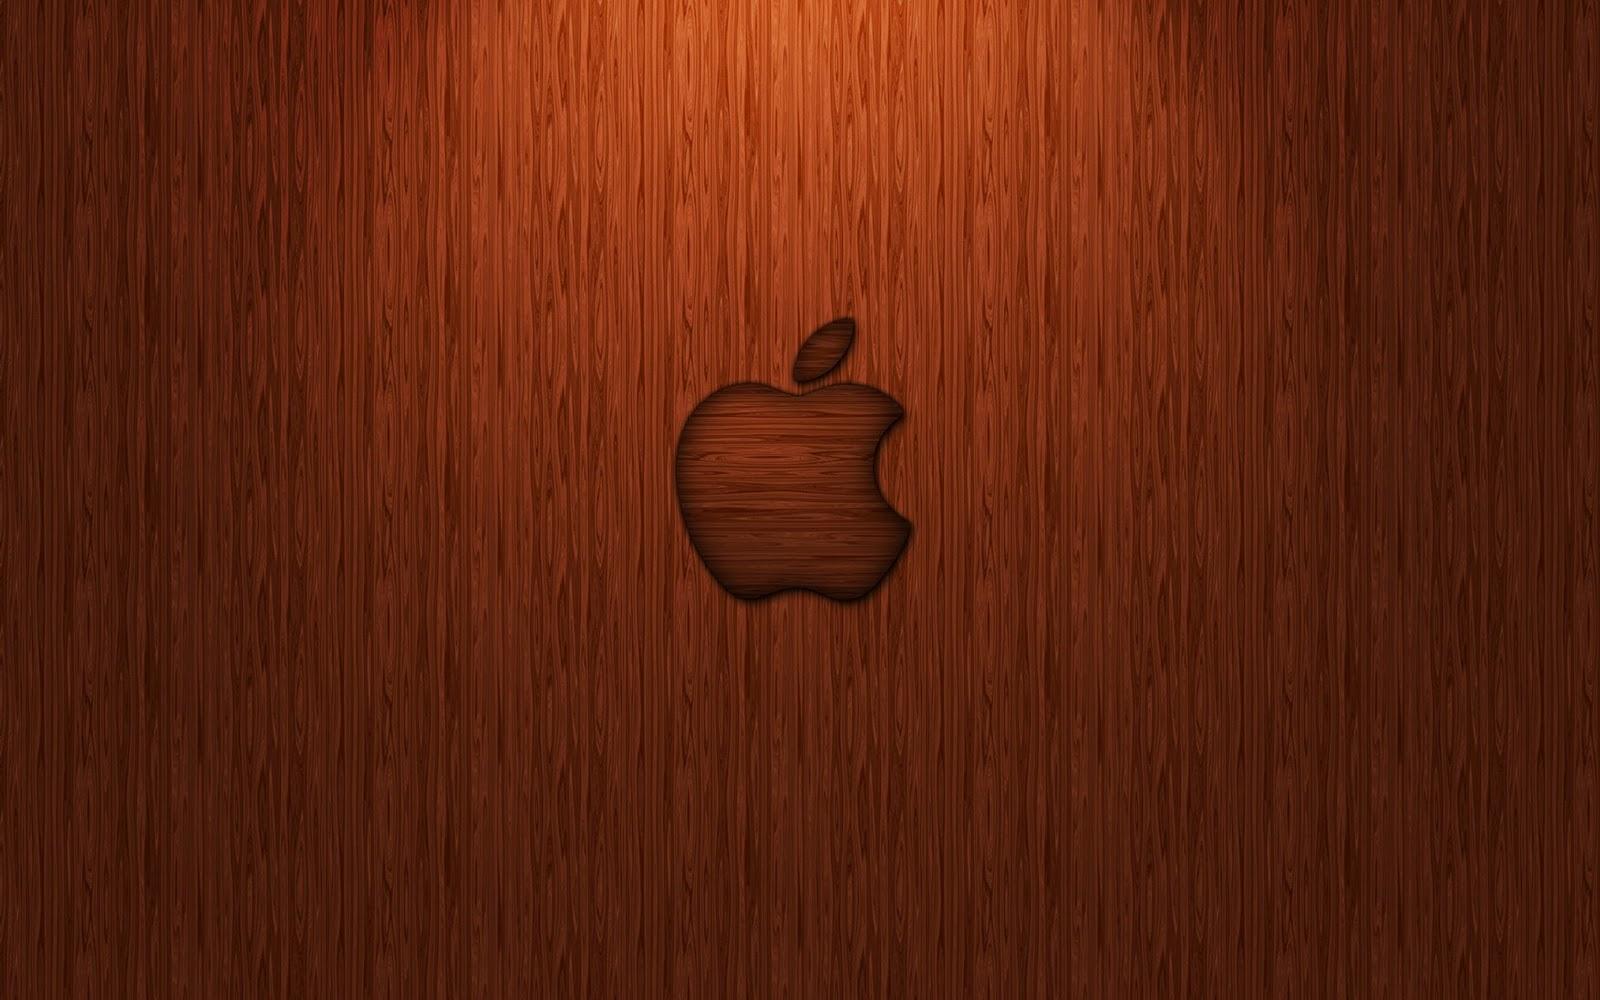 houten achtergronden hd - photo #25